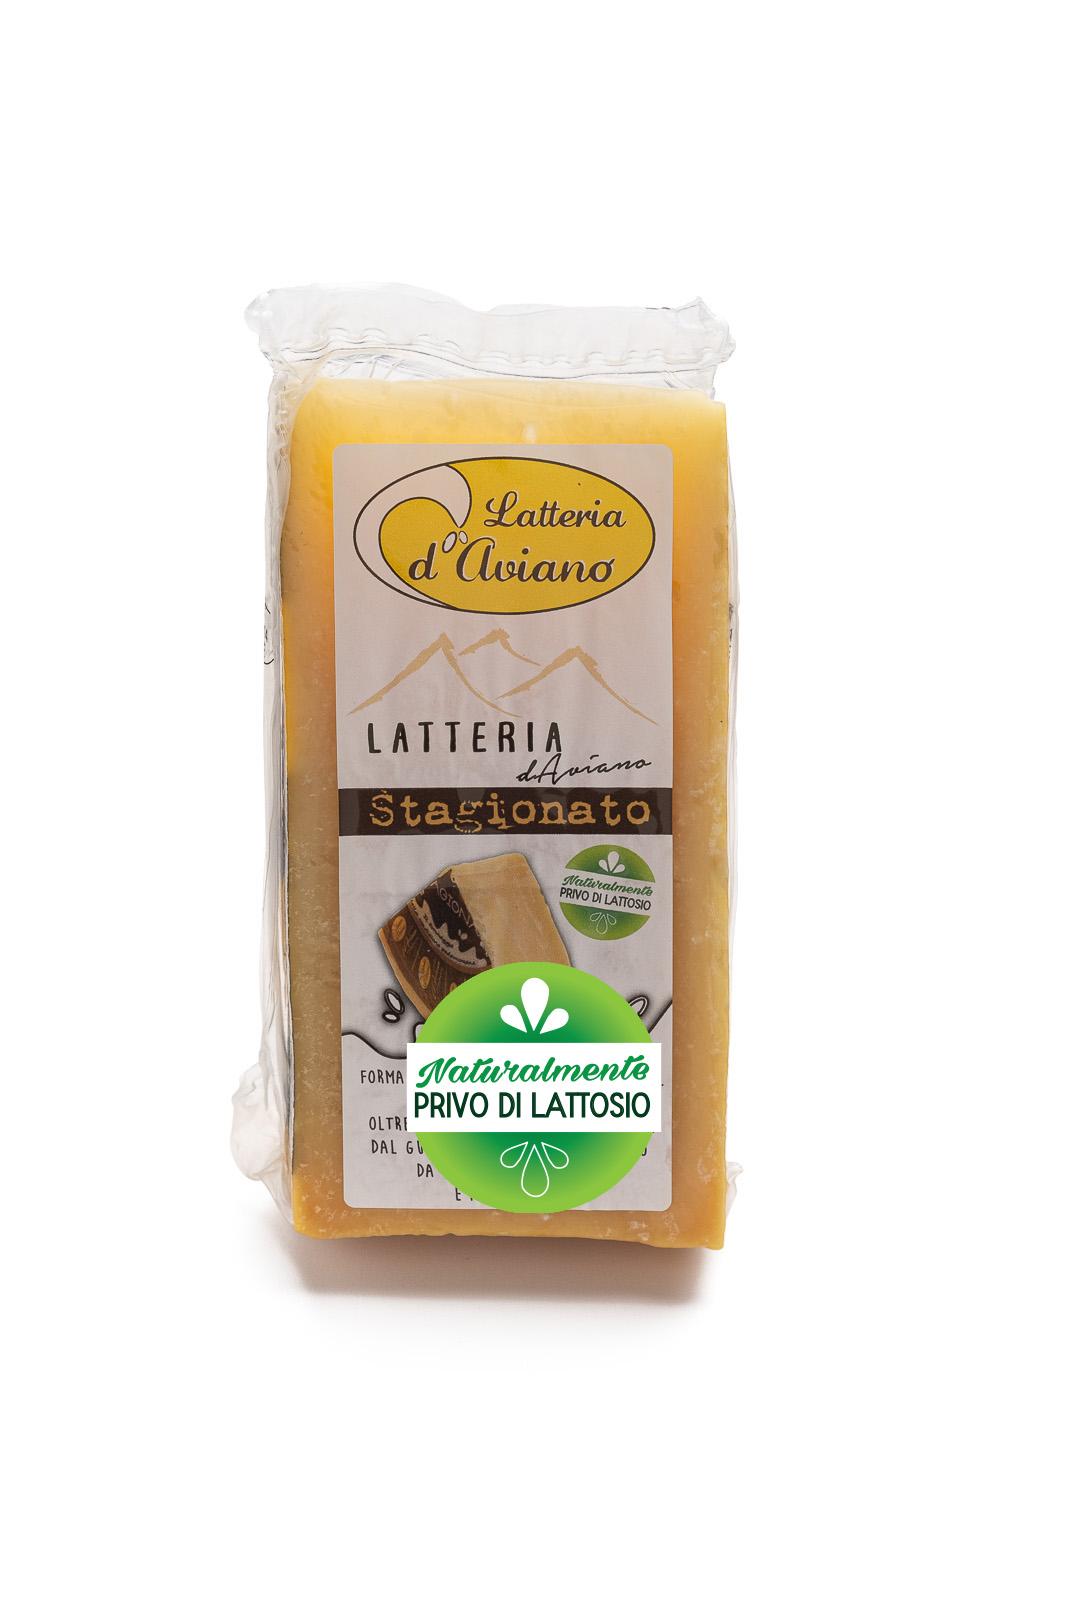 Formaggio - senza lattosio - latteria d'Aviano stagionato - Del Ben formaggi - 300g